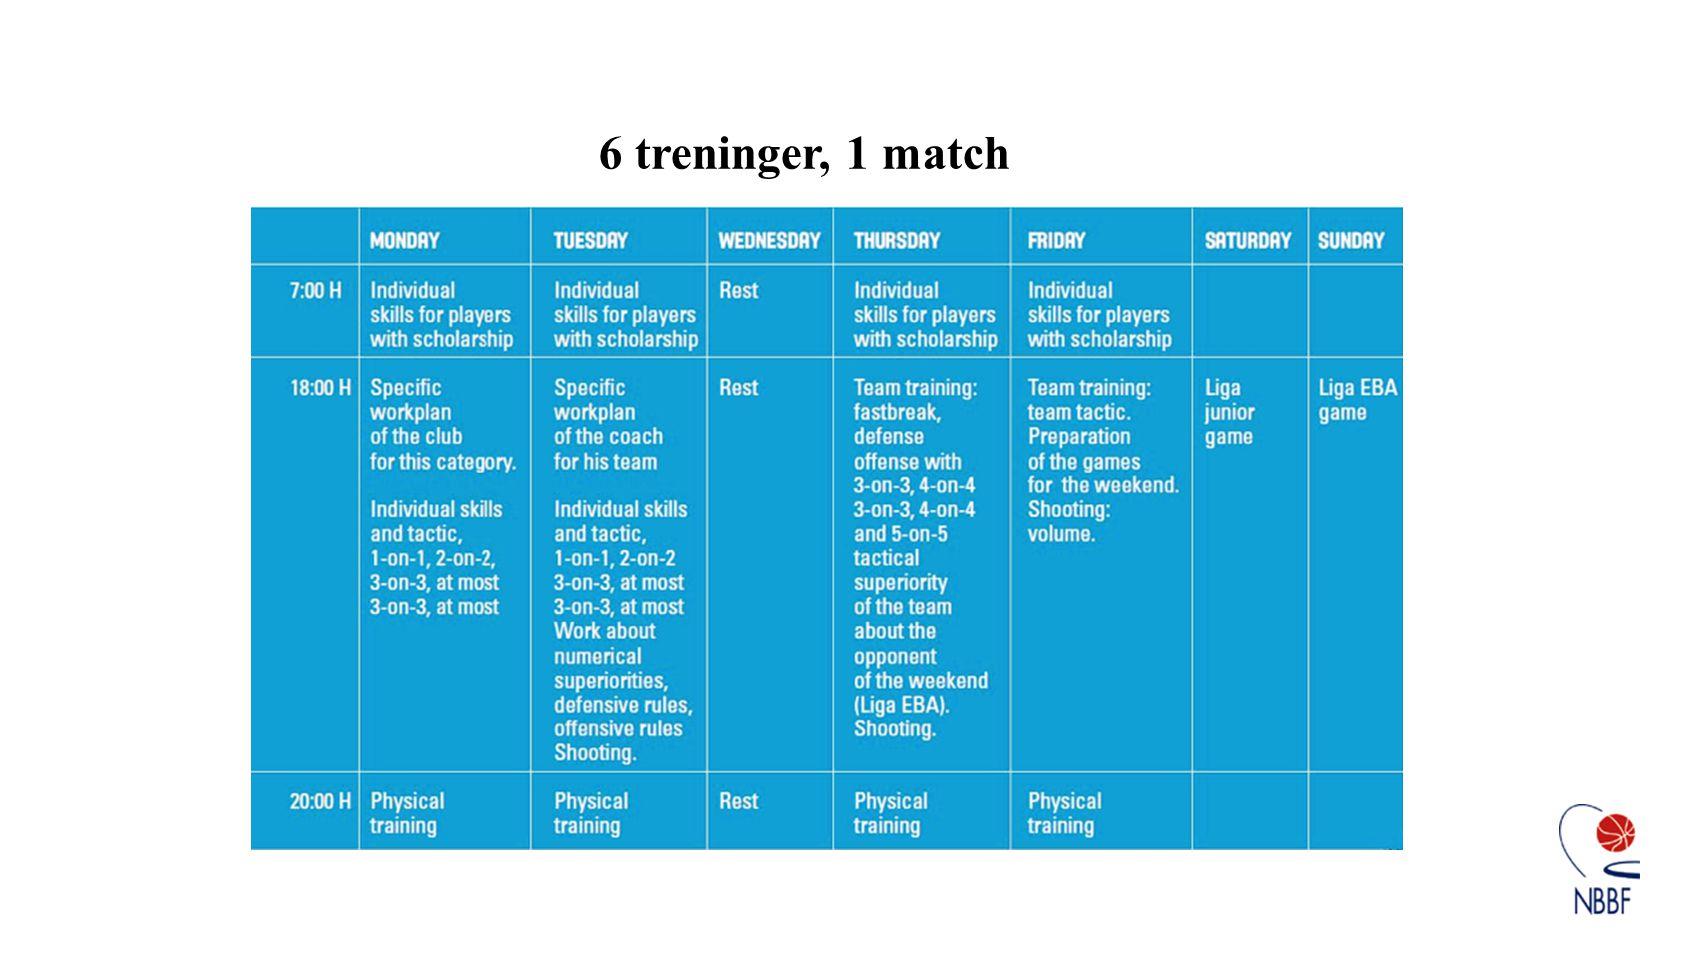 6 treninger, 1 match